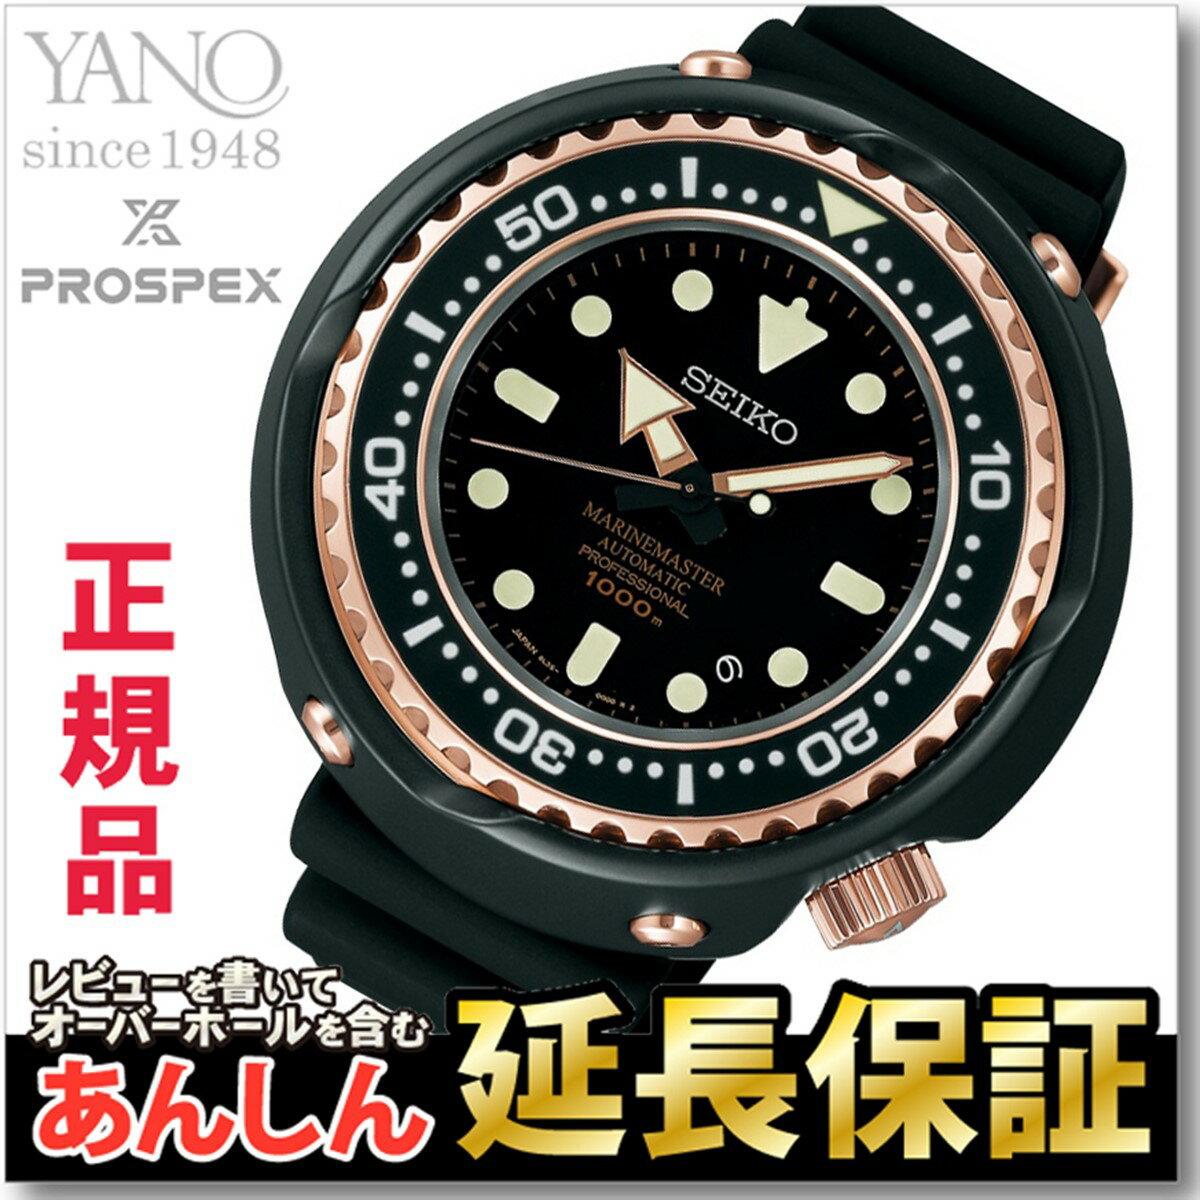 【クーポン&ポイントでお得!】【ノベルティ付き♪】【ノベルティ付き】セイコー プロスペックス マリーンマスター プロフェッショナル SBDX014 ダイバーズウォッチ 自動巻き メカニカル 腕時計 メンズ SEIKO PROSPEX【正規品】_10spl